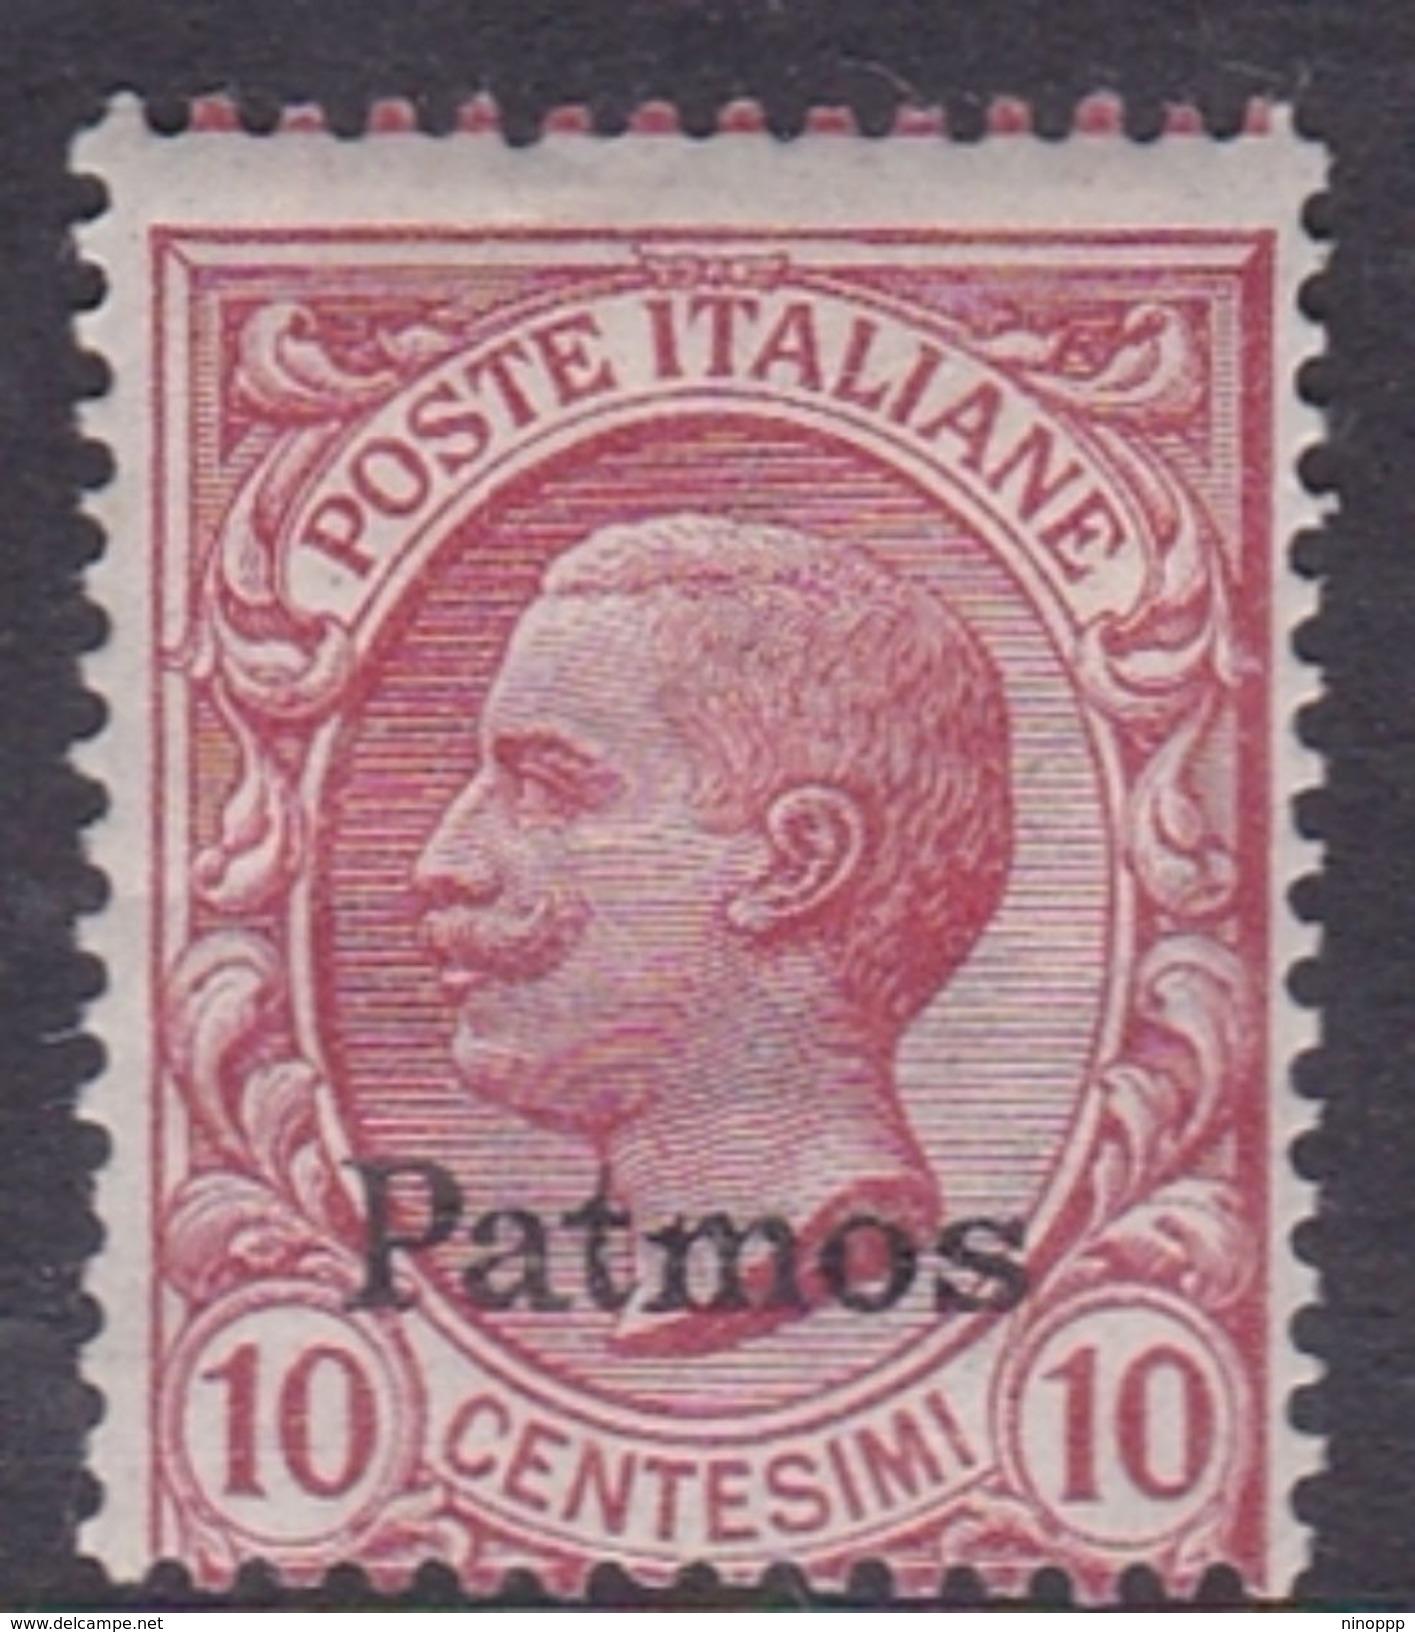 Italy-Colonies And Territories-Aegean-Patmo S 3  1912  10c Claret MH - Egée (Patmo)